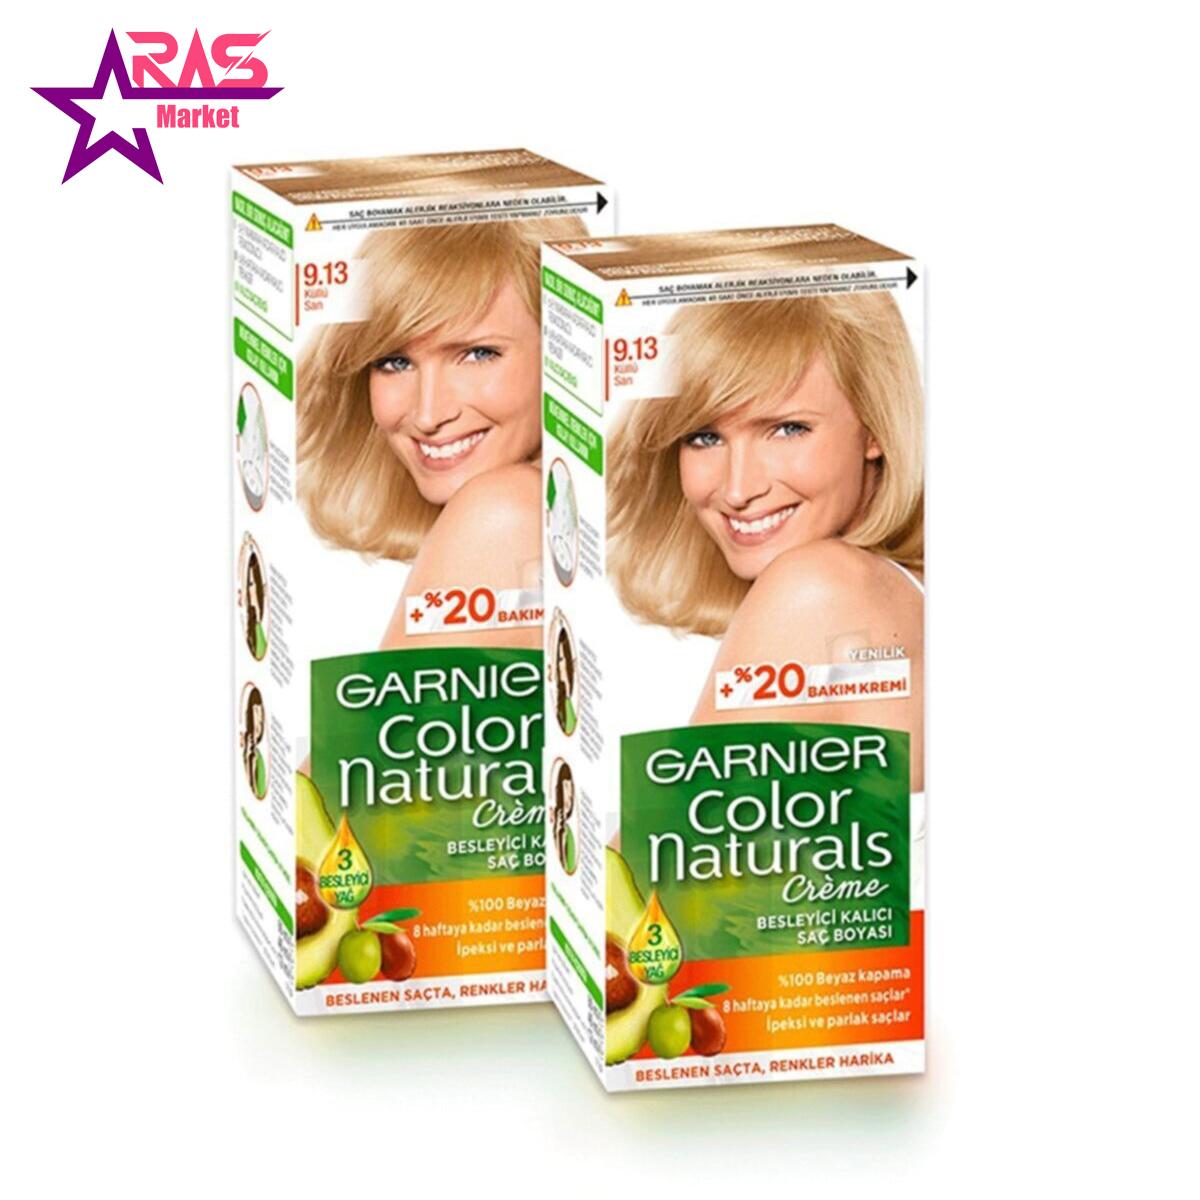 کیت رنگ مو گارنیر سری Color Naturals شماره 9.13 ، فروشگاه اینترنتی ارس مارکت ، رنگ موی گارنیر زنانه